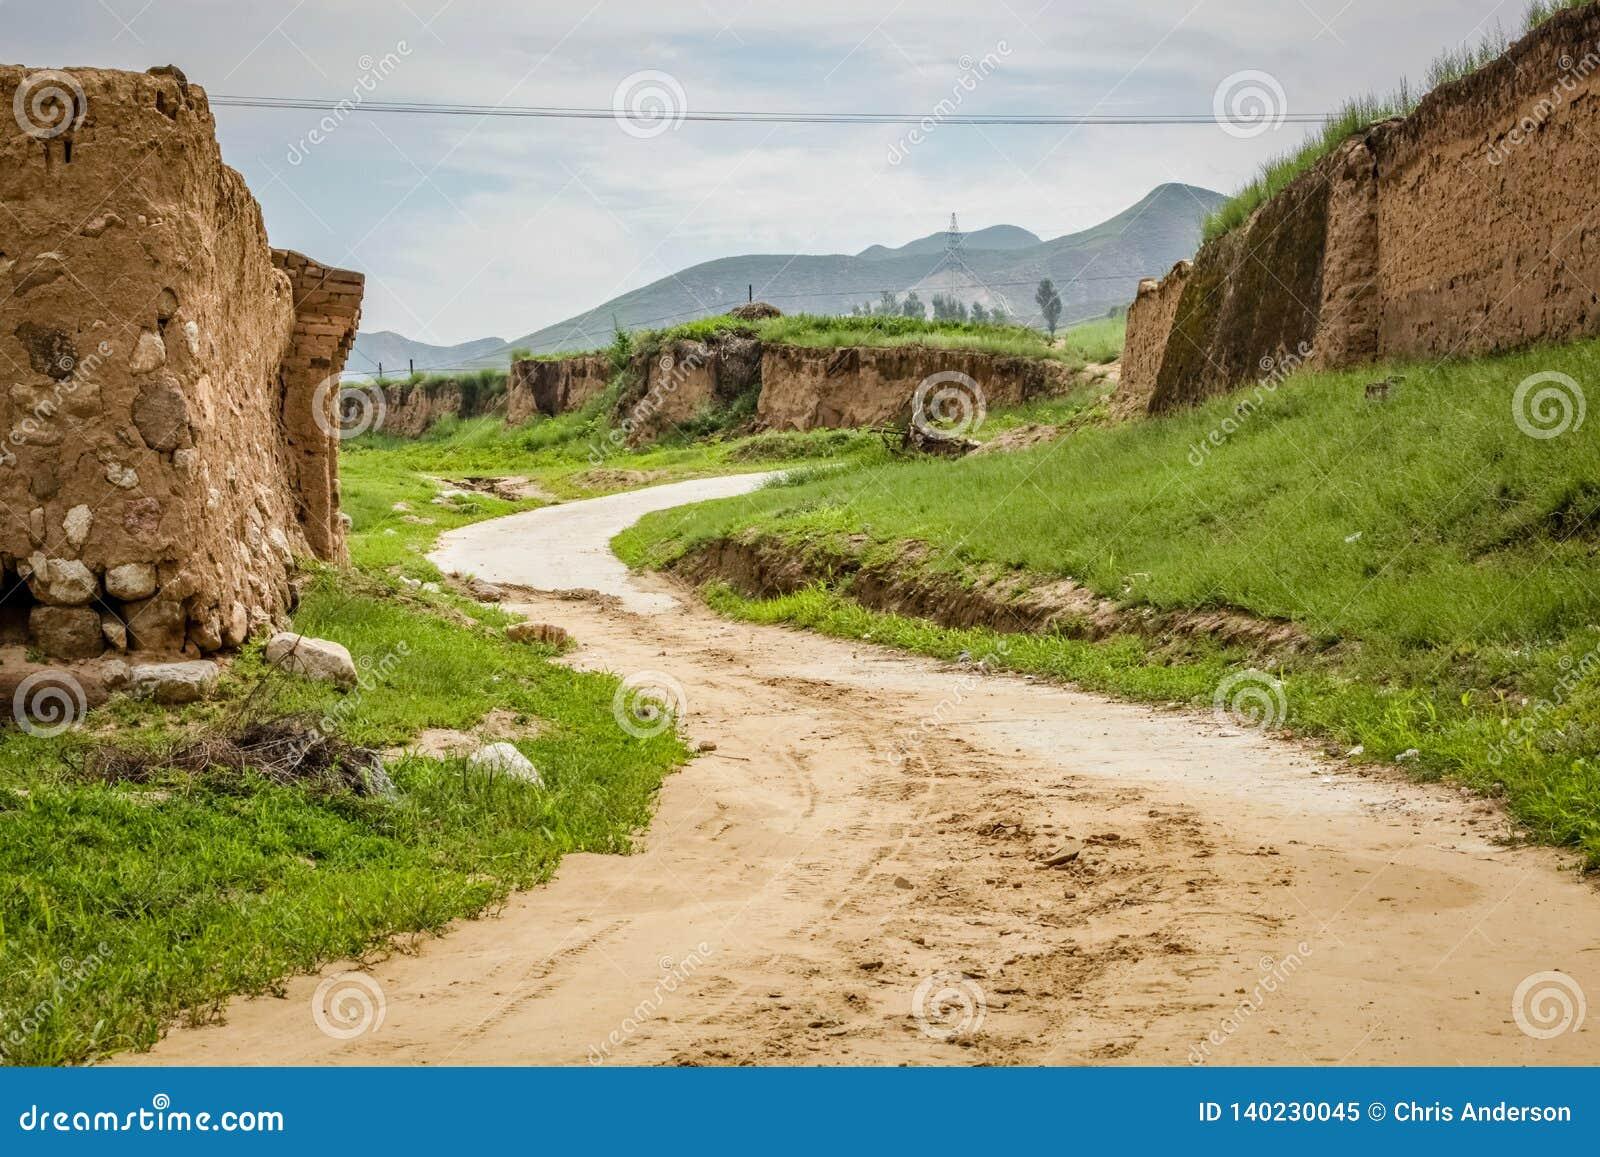 El camino de tierra liso enrolla para arriba una pequeña colina alrededor de una pared del fango en China rural